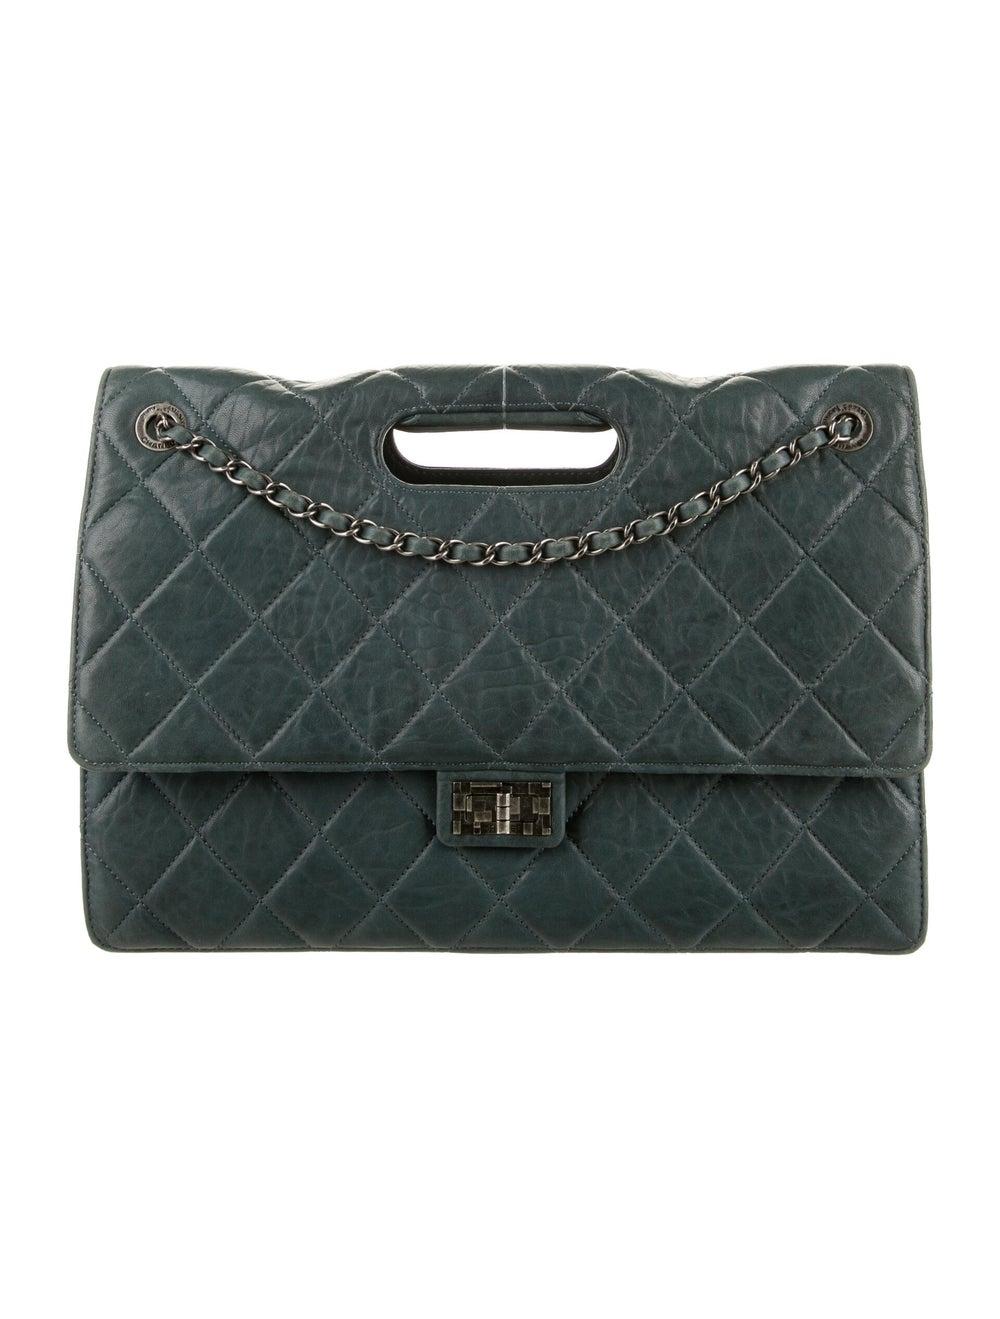 Chanel Paris-Byzance Take-Away Flap Bag Blue - image 1